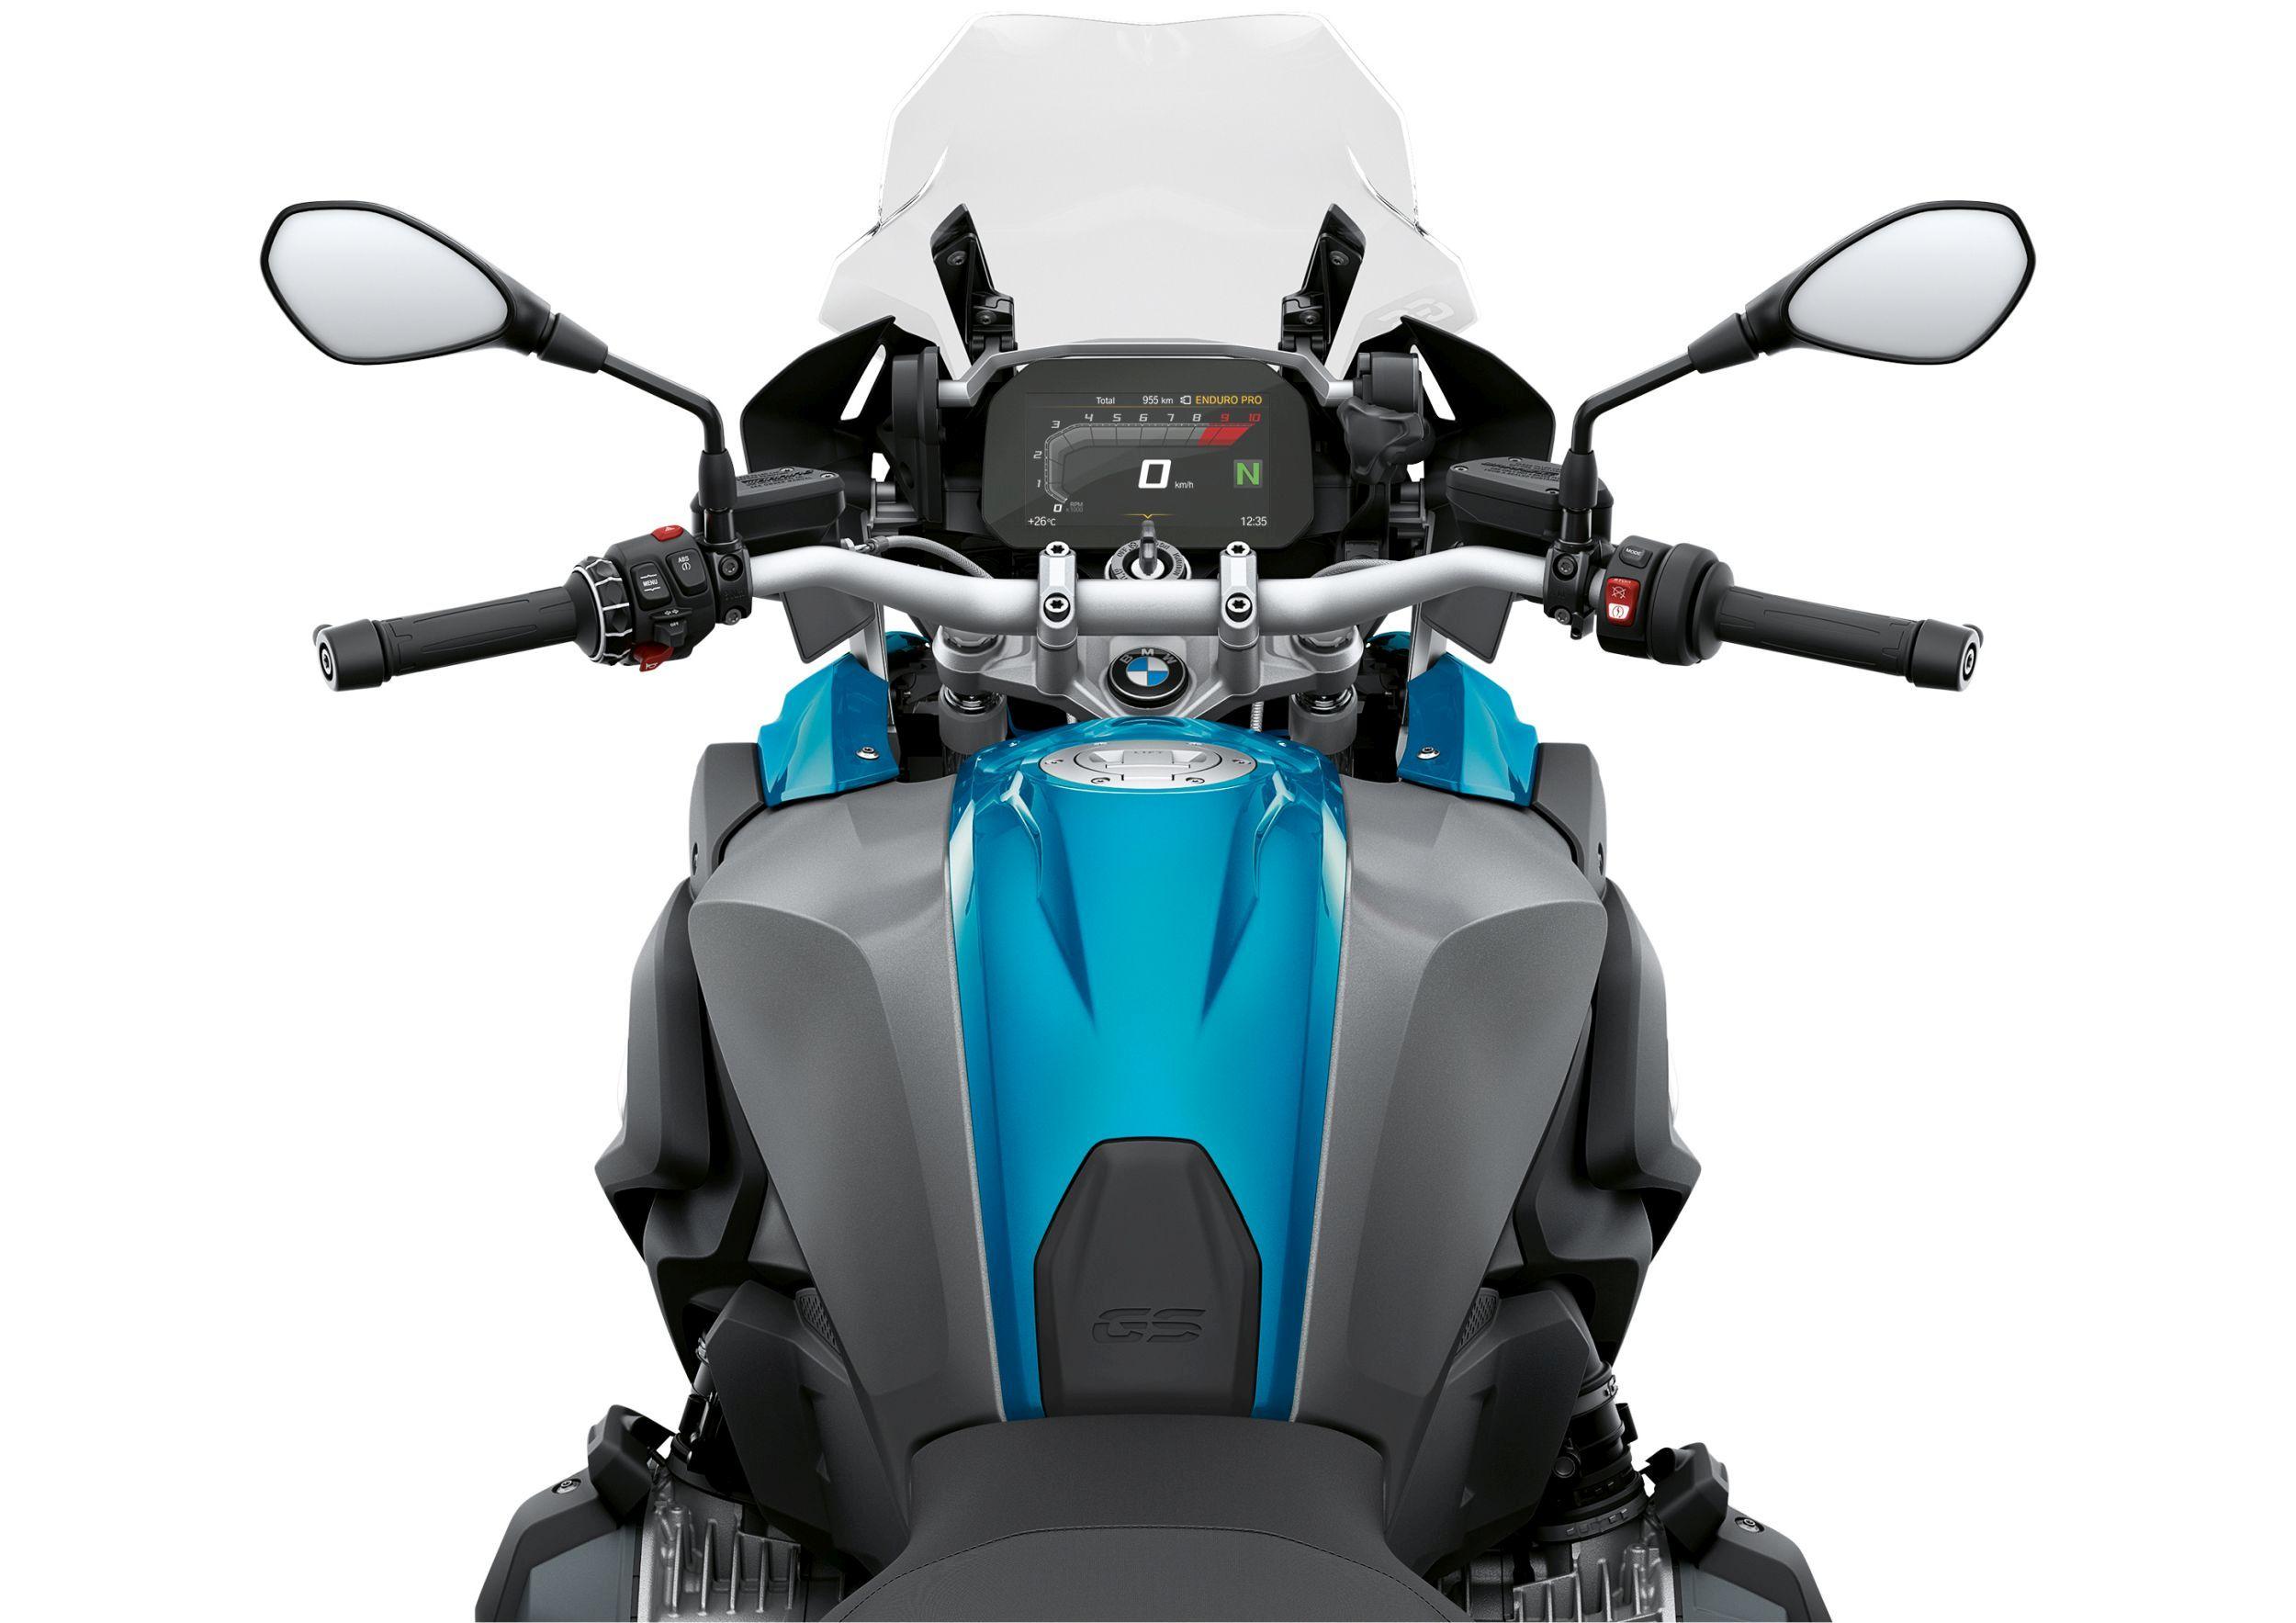 Bmw R 1250 Gs Alle Technischen Daten Zum Modell R 1250 Gs Von Bmw